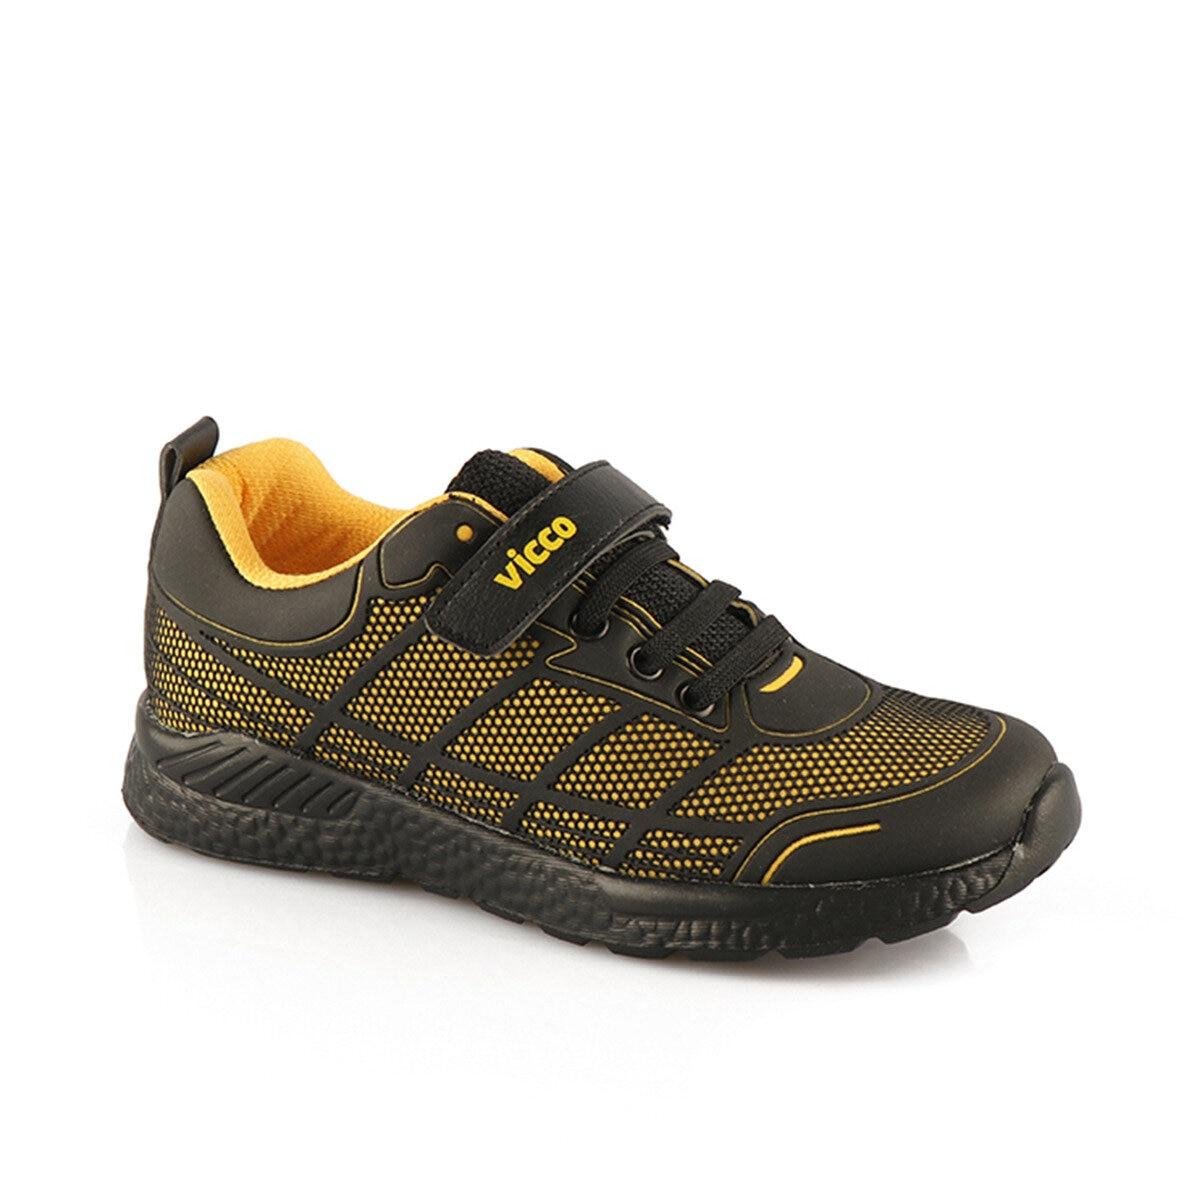 FLO 347.18K.123 BLACK MULTI Unisex Children Sneaker Shoes VICCO